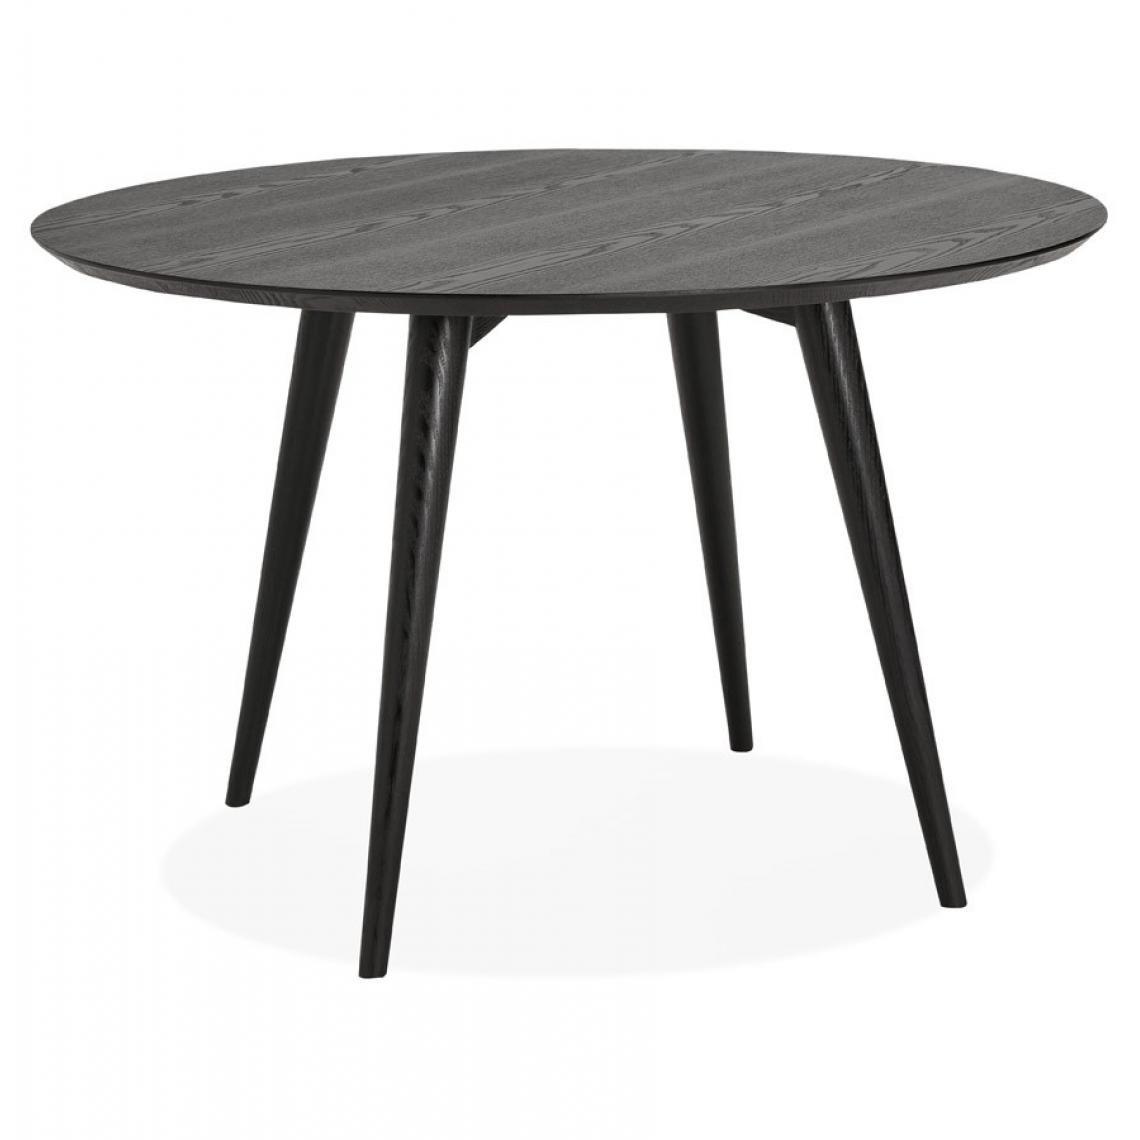 Table A Manger Ronde.Table A Manger Ronde Bois Noir Navia